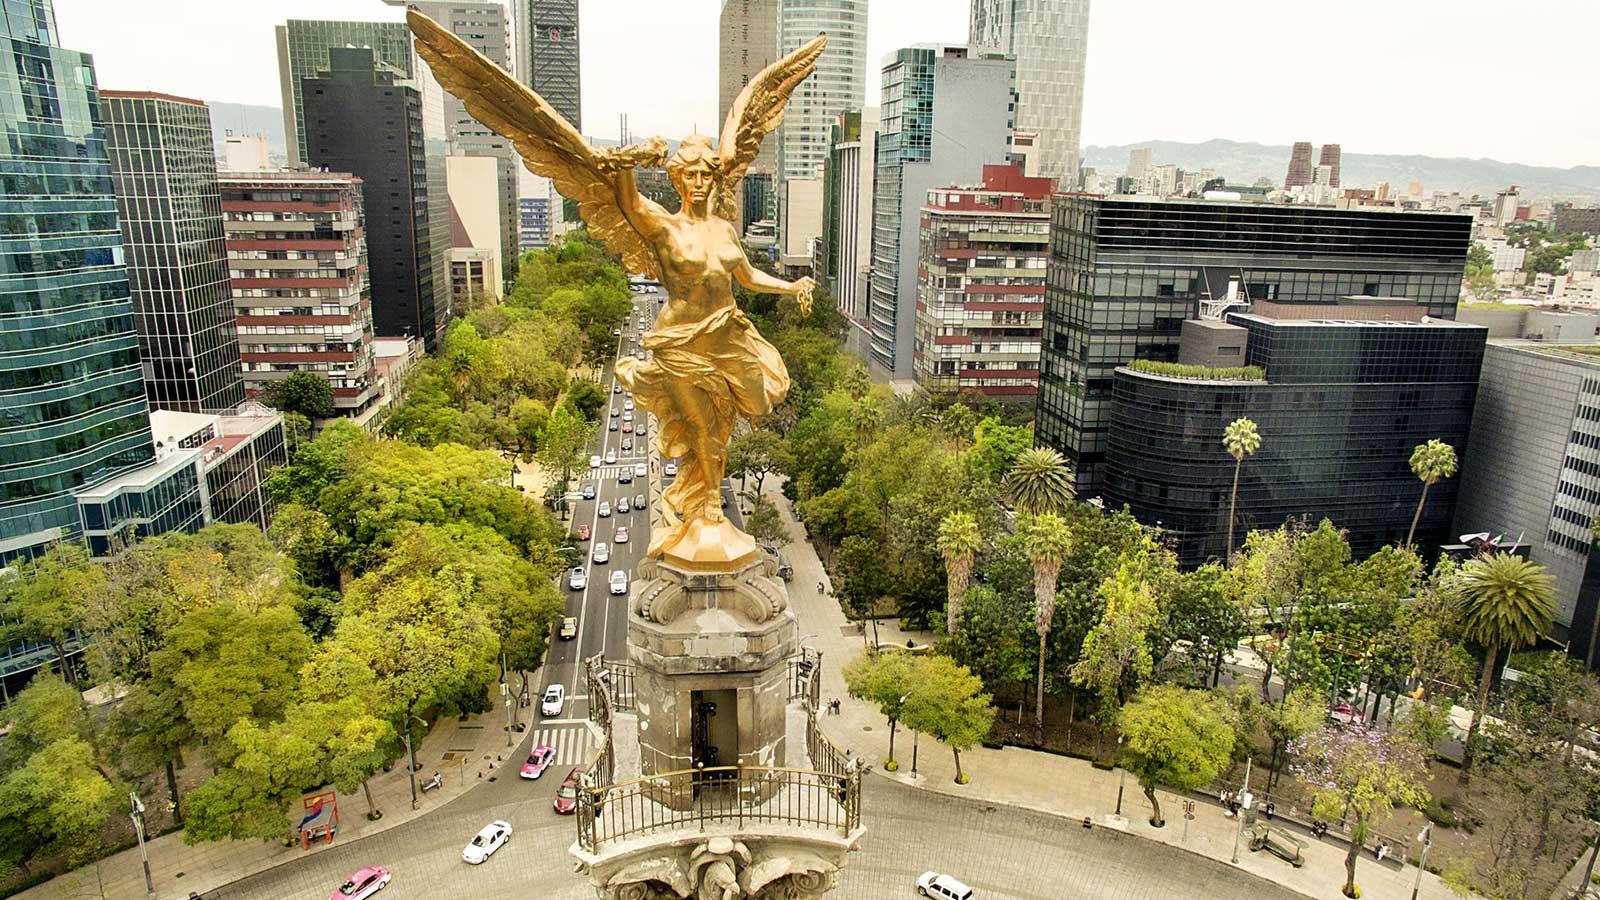 Handelsrelatie met Mexico blijft groeien.